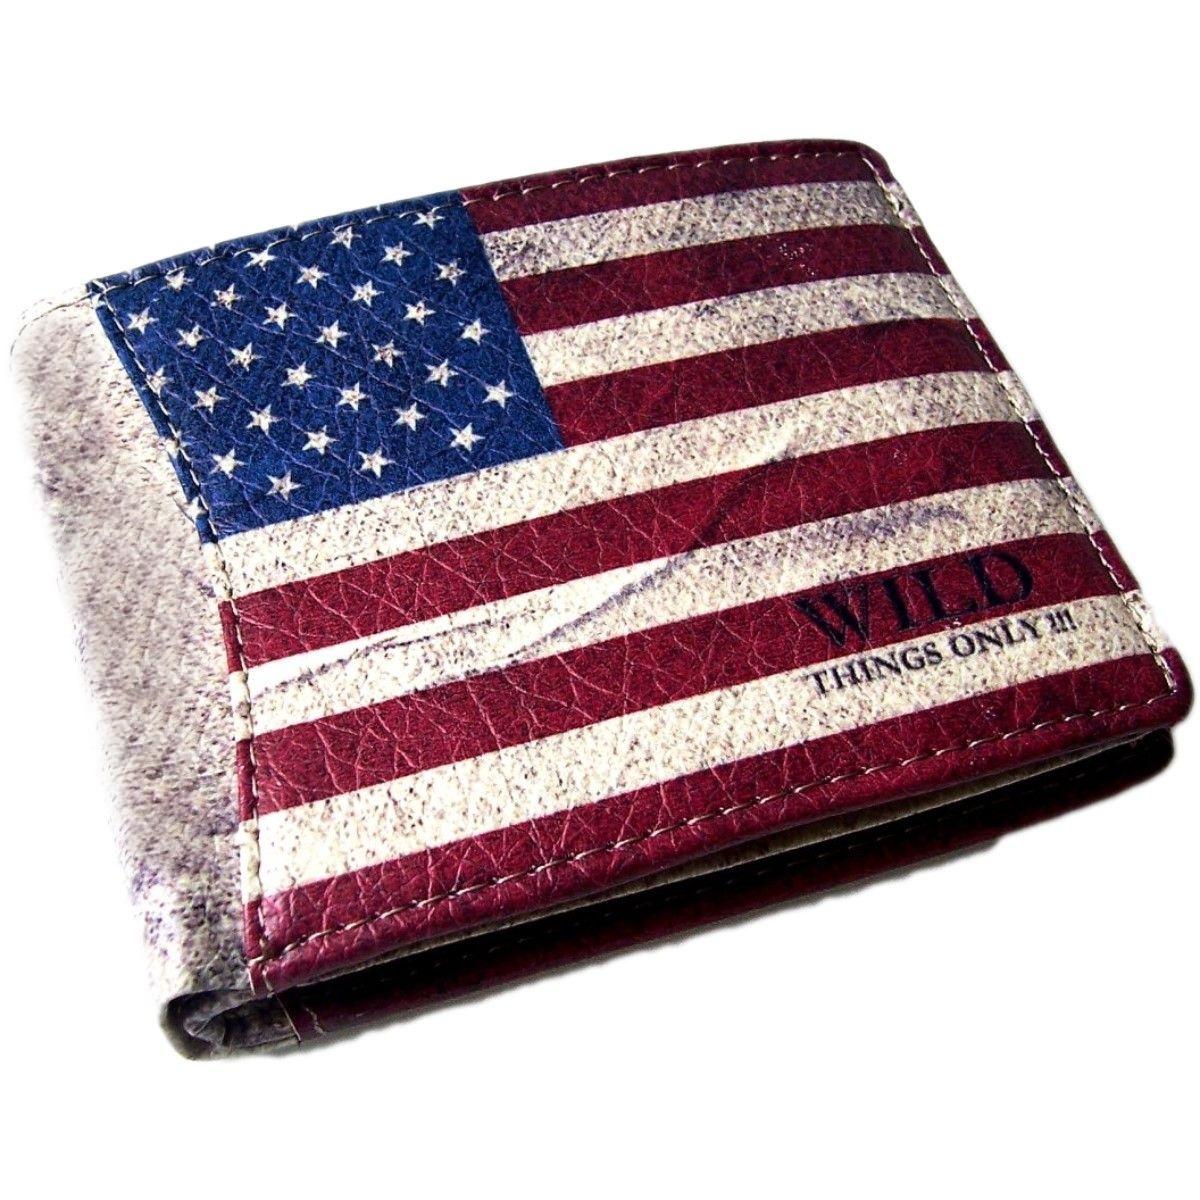 Portemonnaie LederLook WildThings Amerika Querformat Bügel Po627